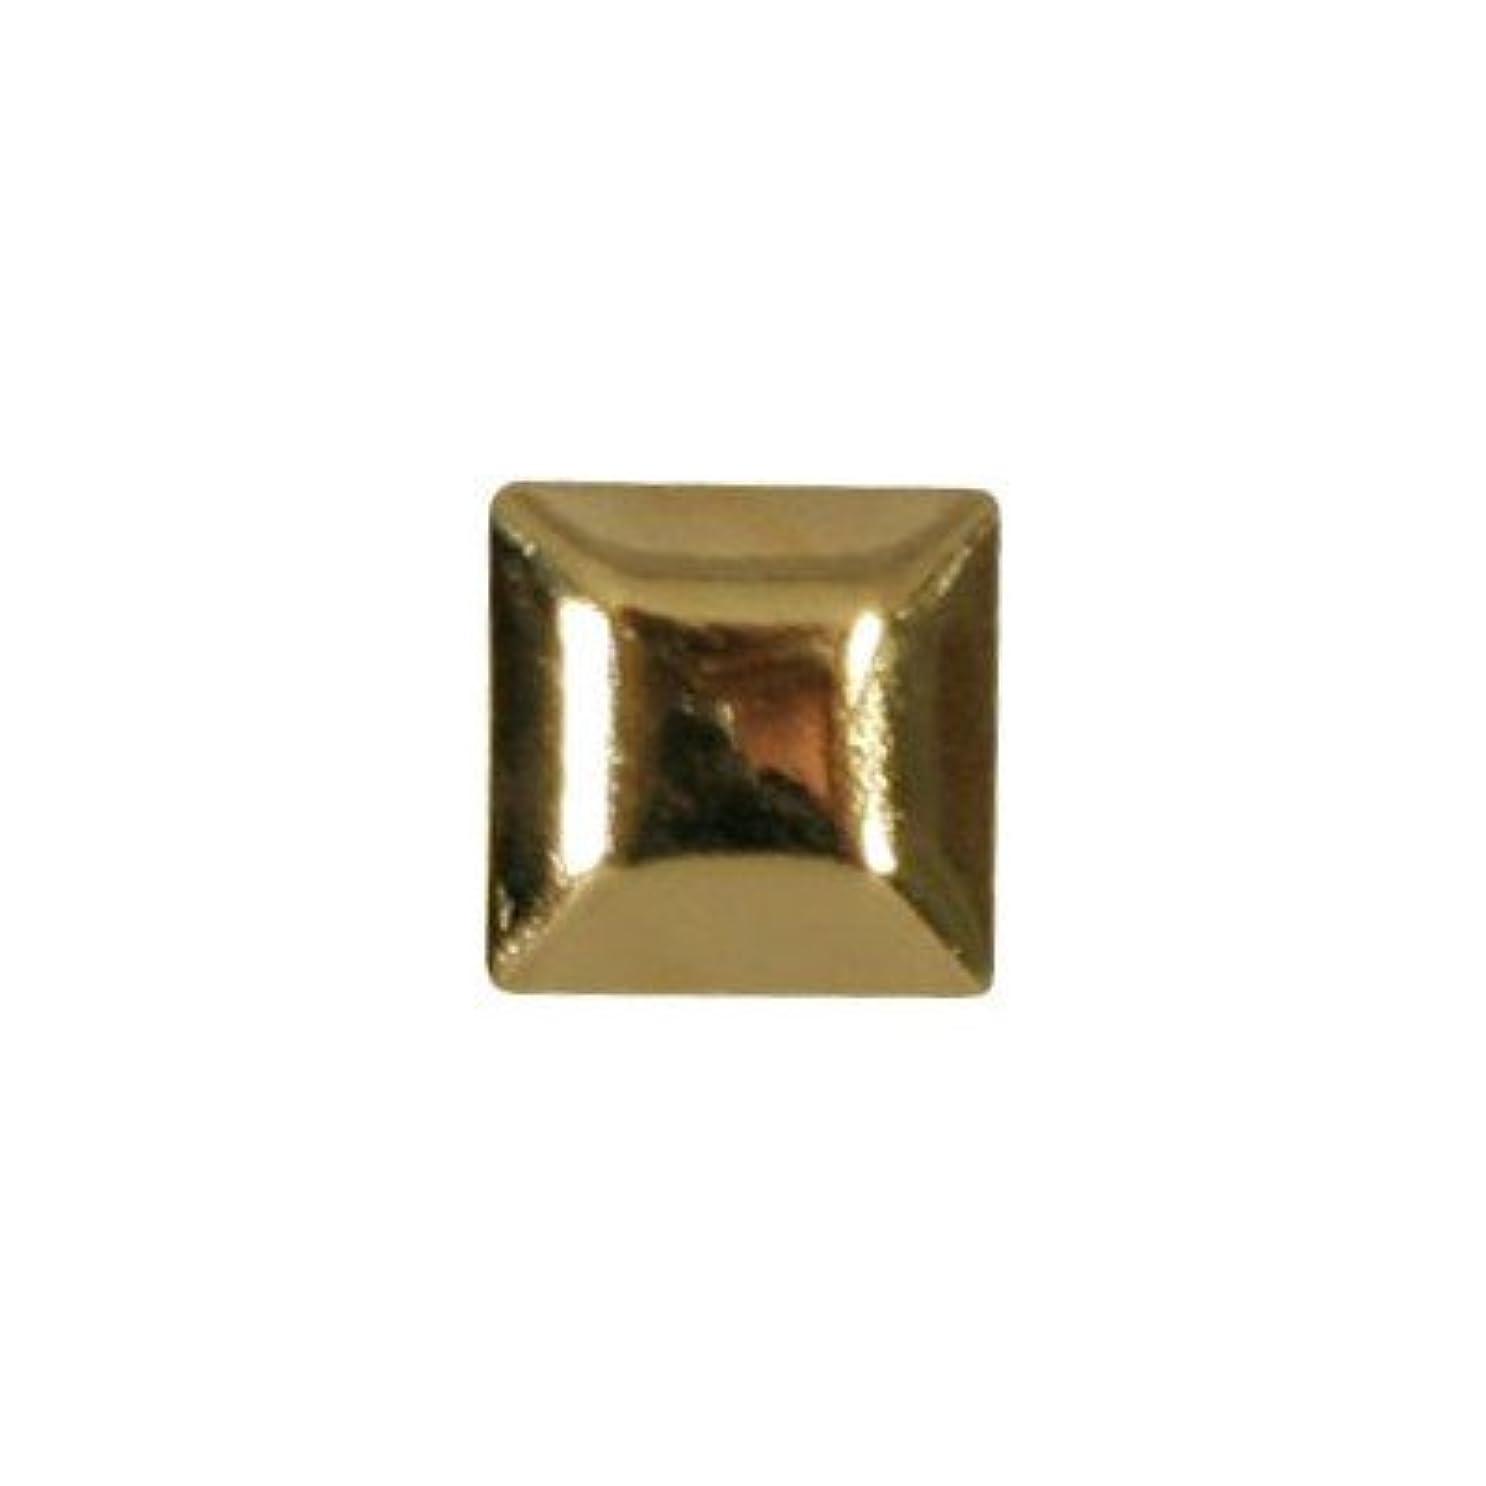 紳士ライム中世のピアドラ スタッズ メタルスクエア 4mm 30P ゴールド